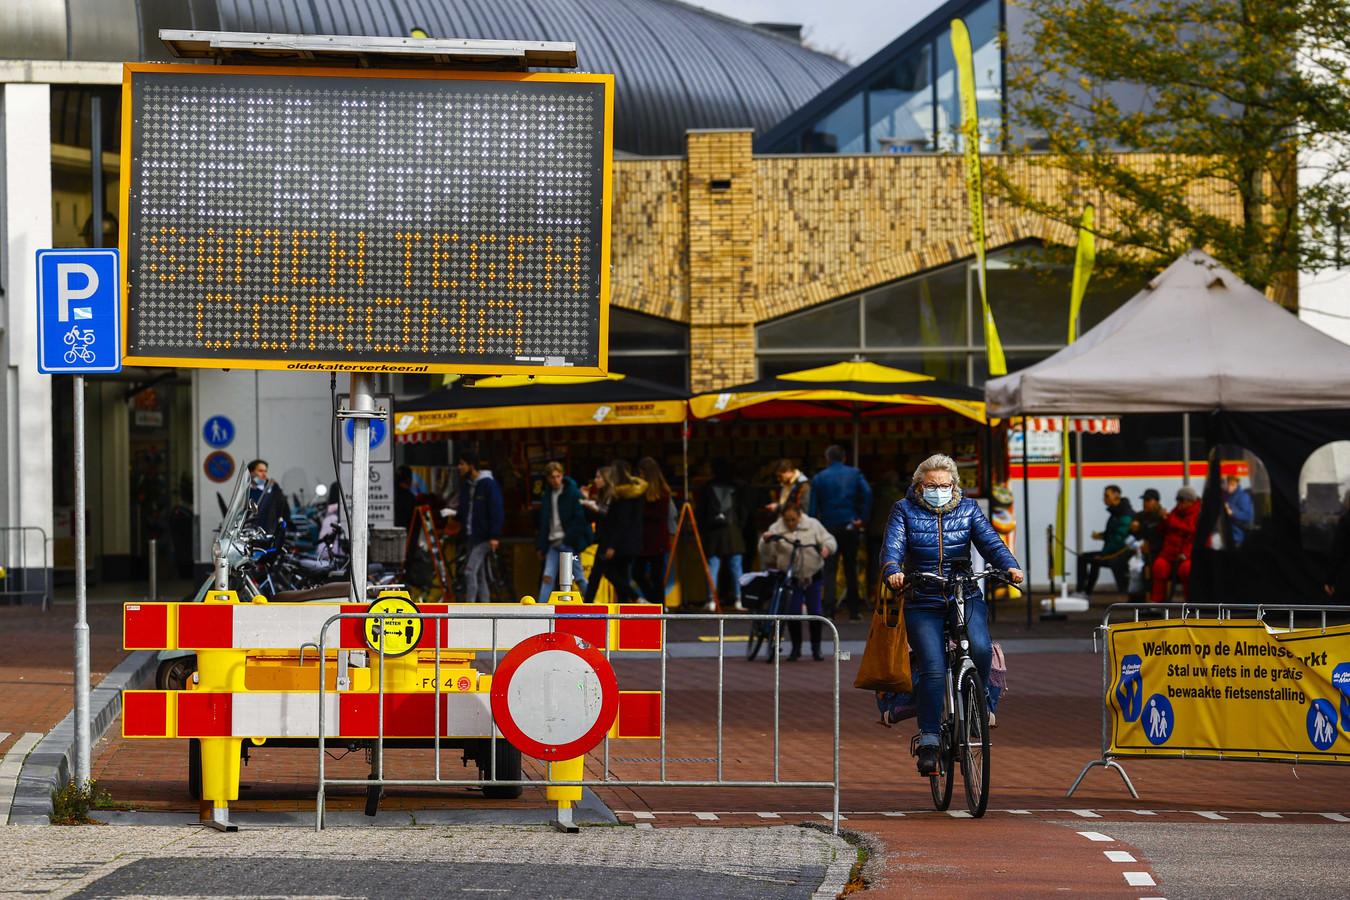 Beeld uit de binnenstad van Almelo.